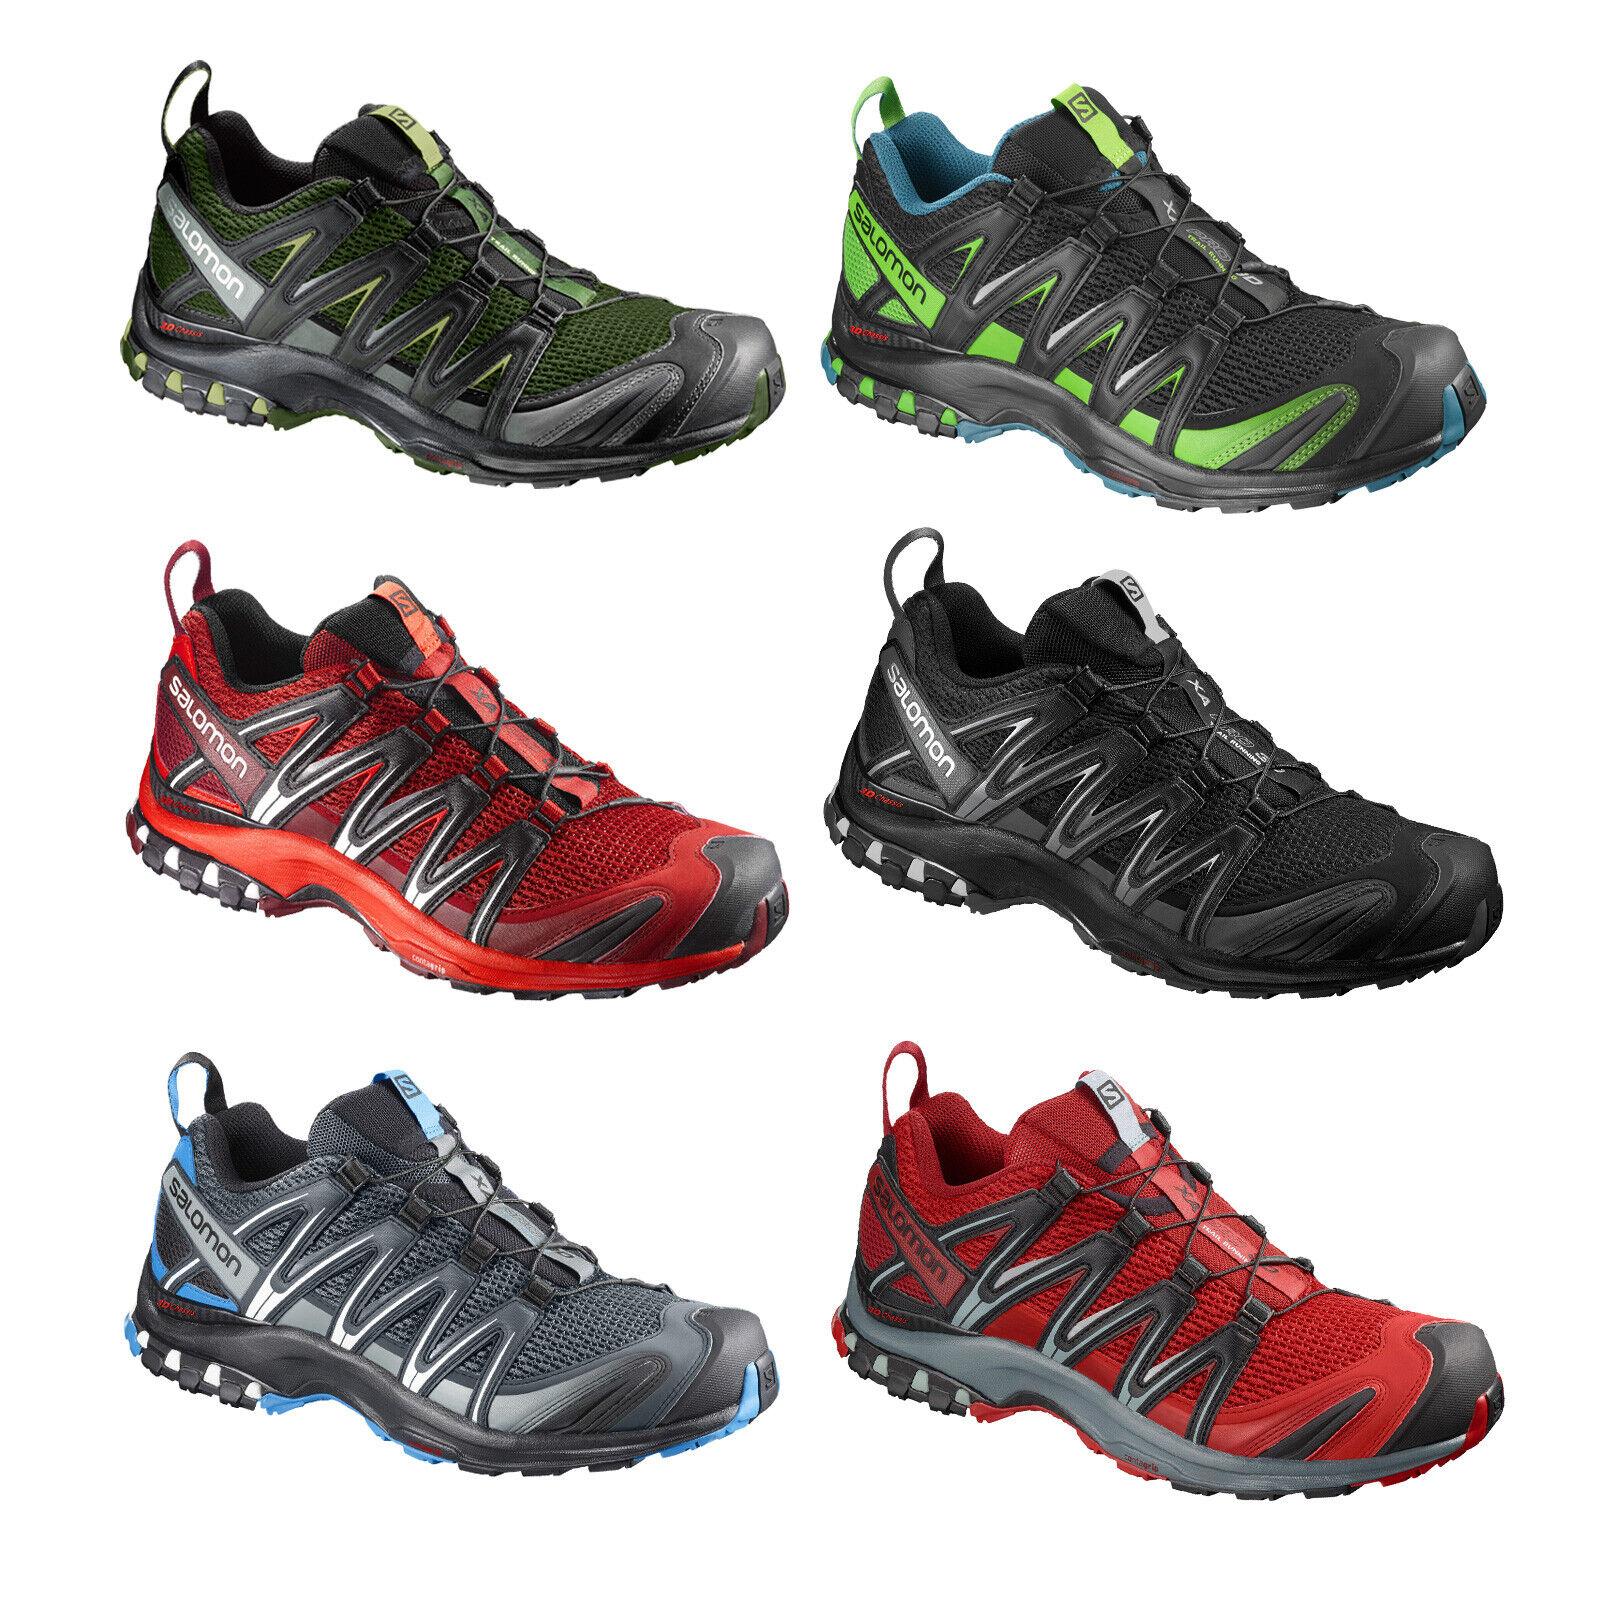 Salomon xa pro 3d running shoes men  sport trail-running-schuhe new  buy cheap